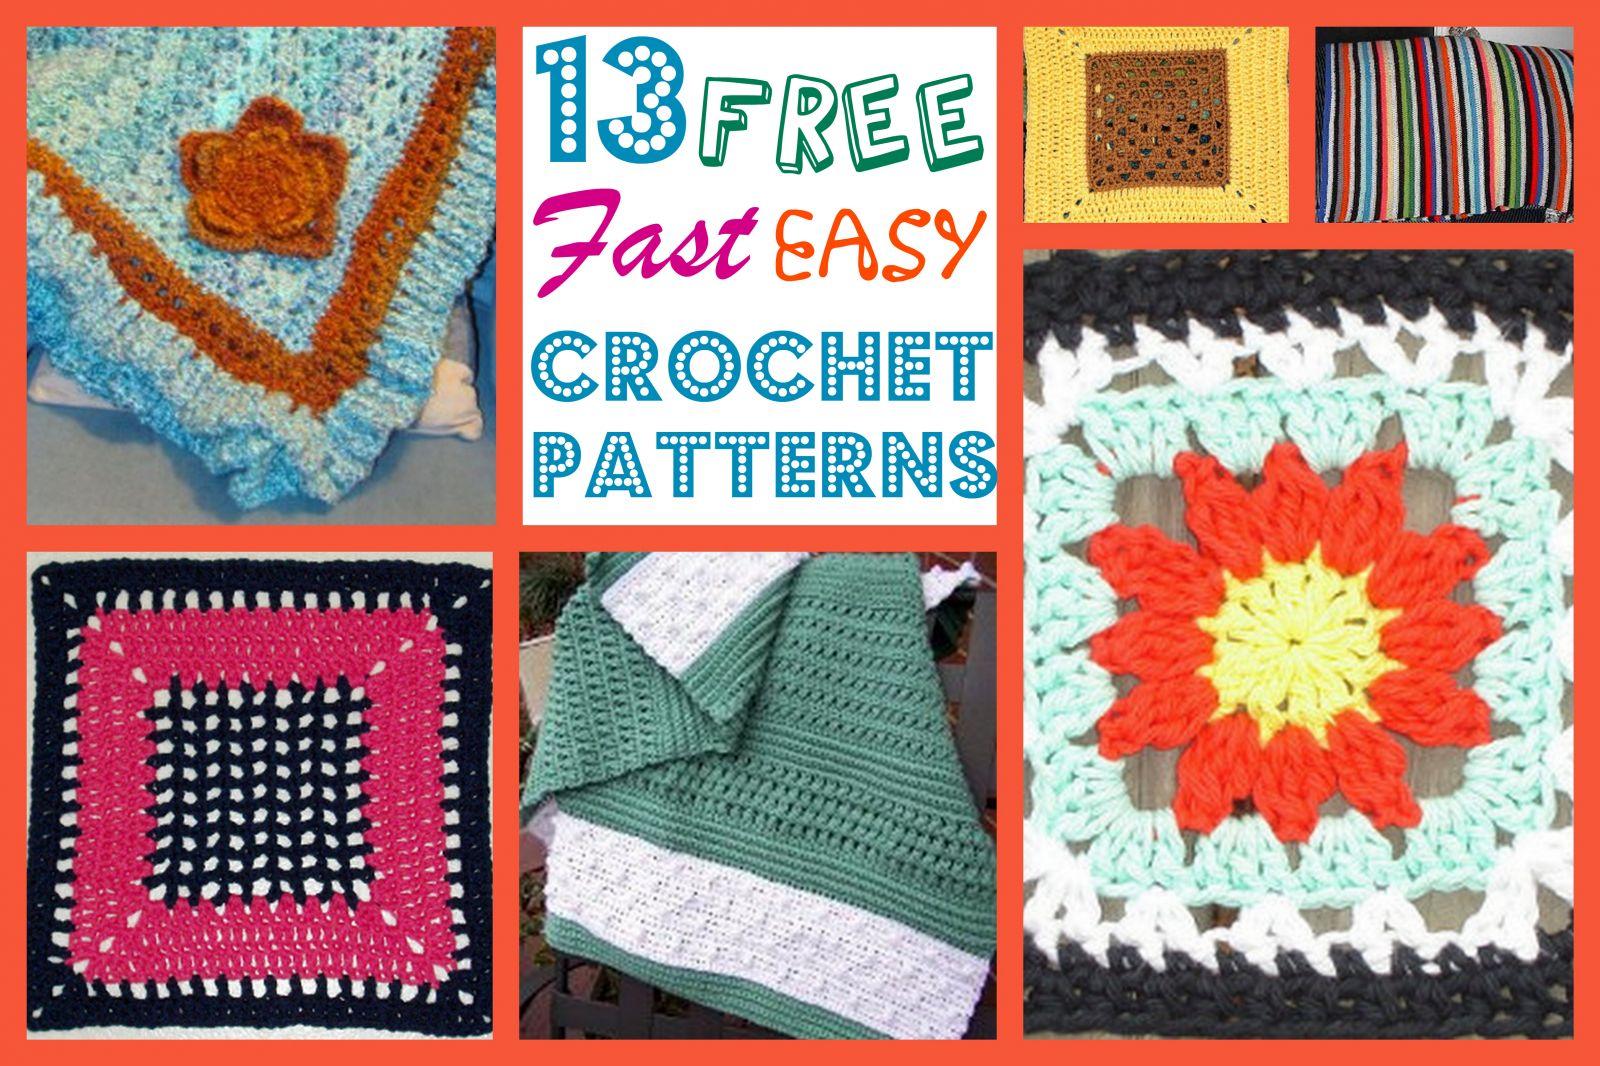 13 free fast easy crochet patterns 13 free fast easy crochet patterns bankloansurffo Gallery